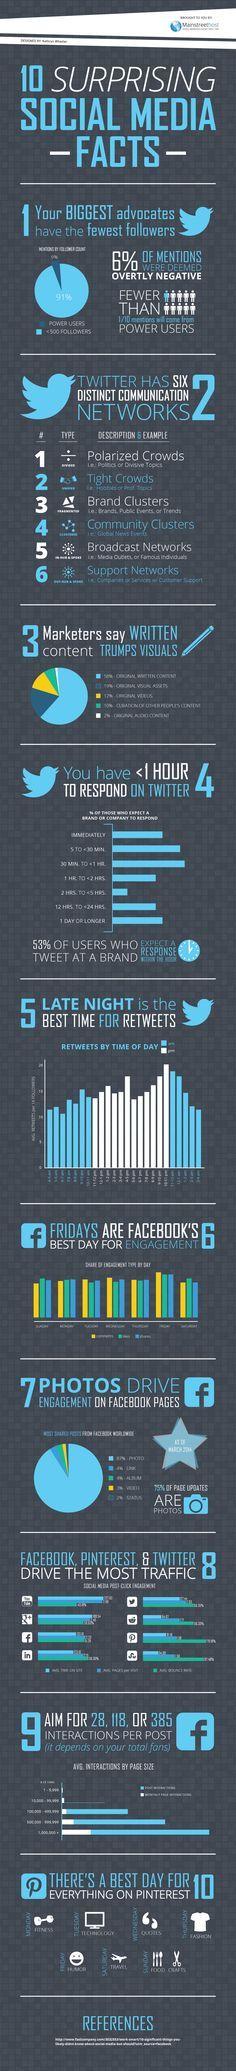 10 Surprising Social Media Facts #healthcoach #wellnesscoach #healthiswealth #infografía